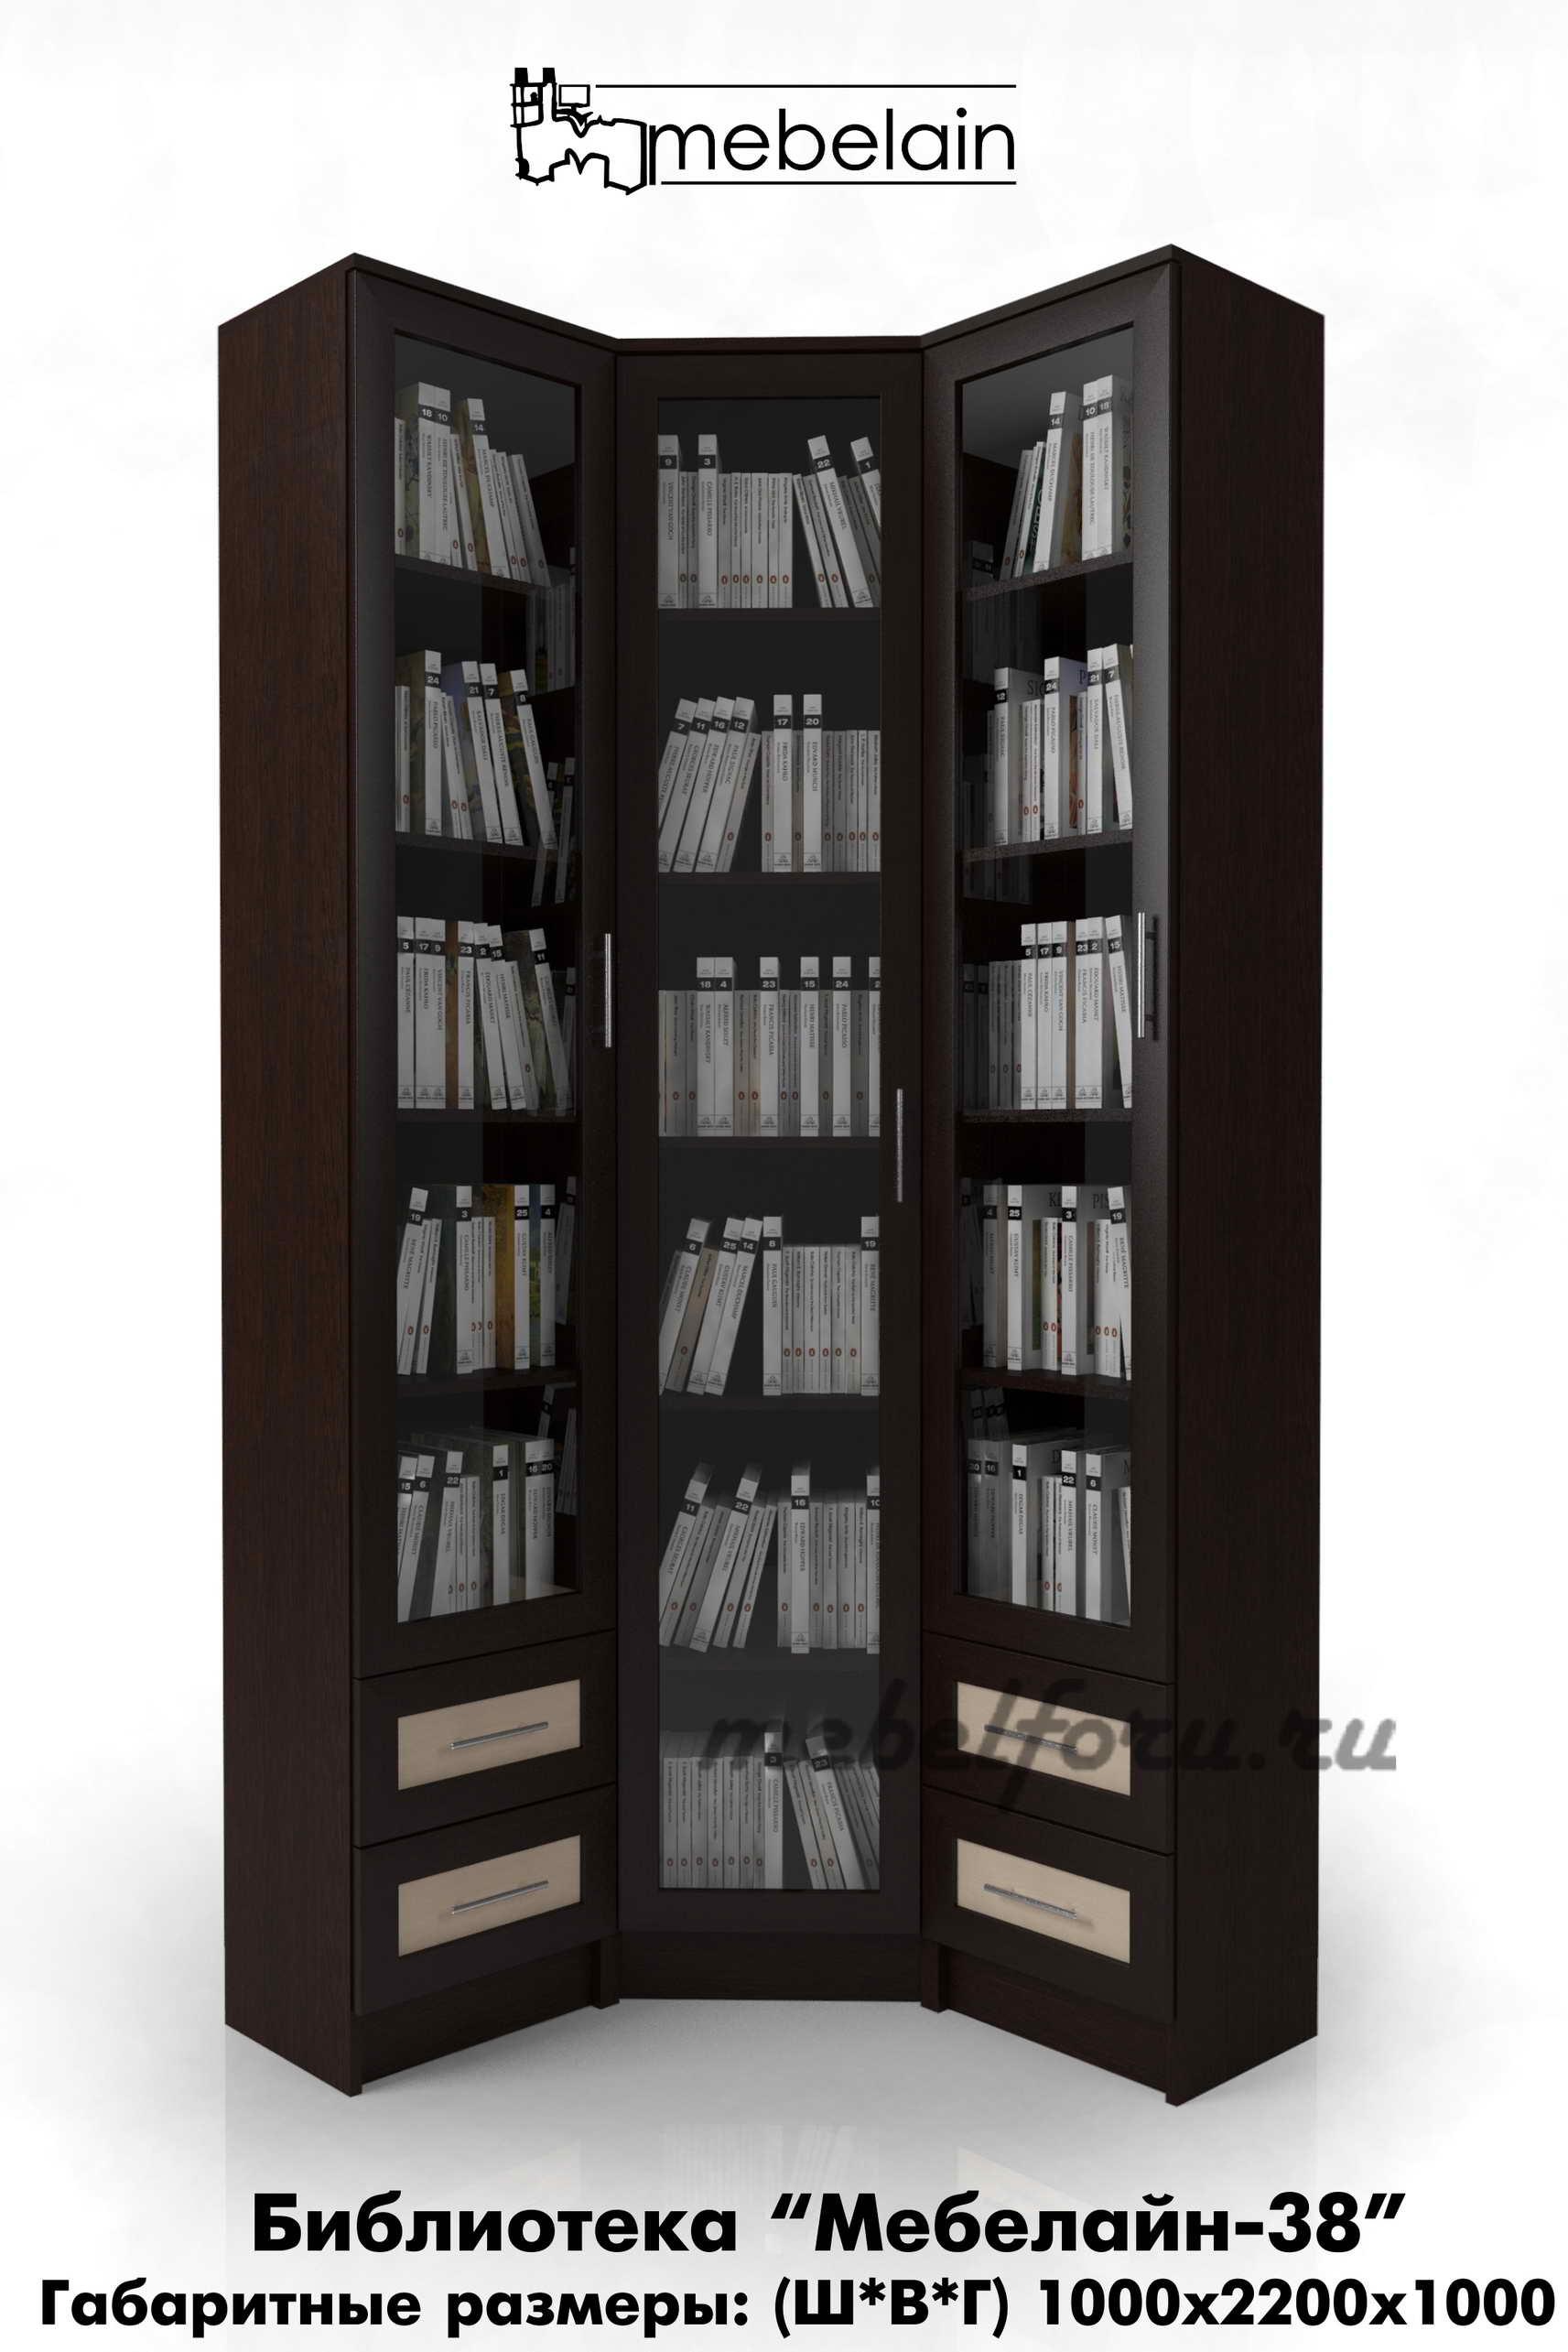 """Книжный шкаф """"библиотека мебелайн 54"""" -бесплатная доставка, ."""